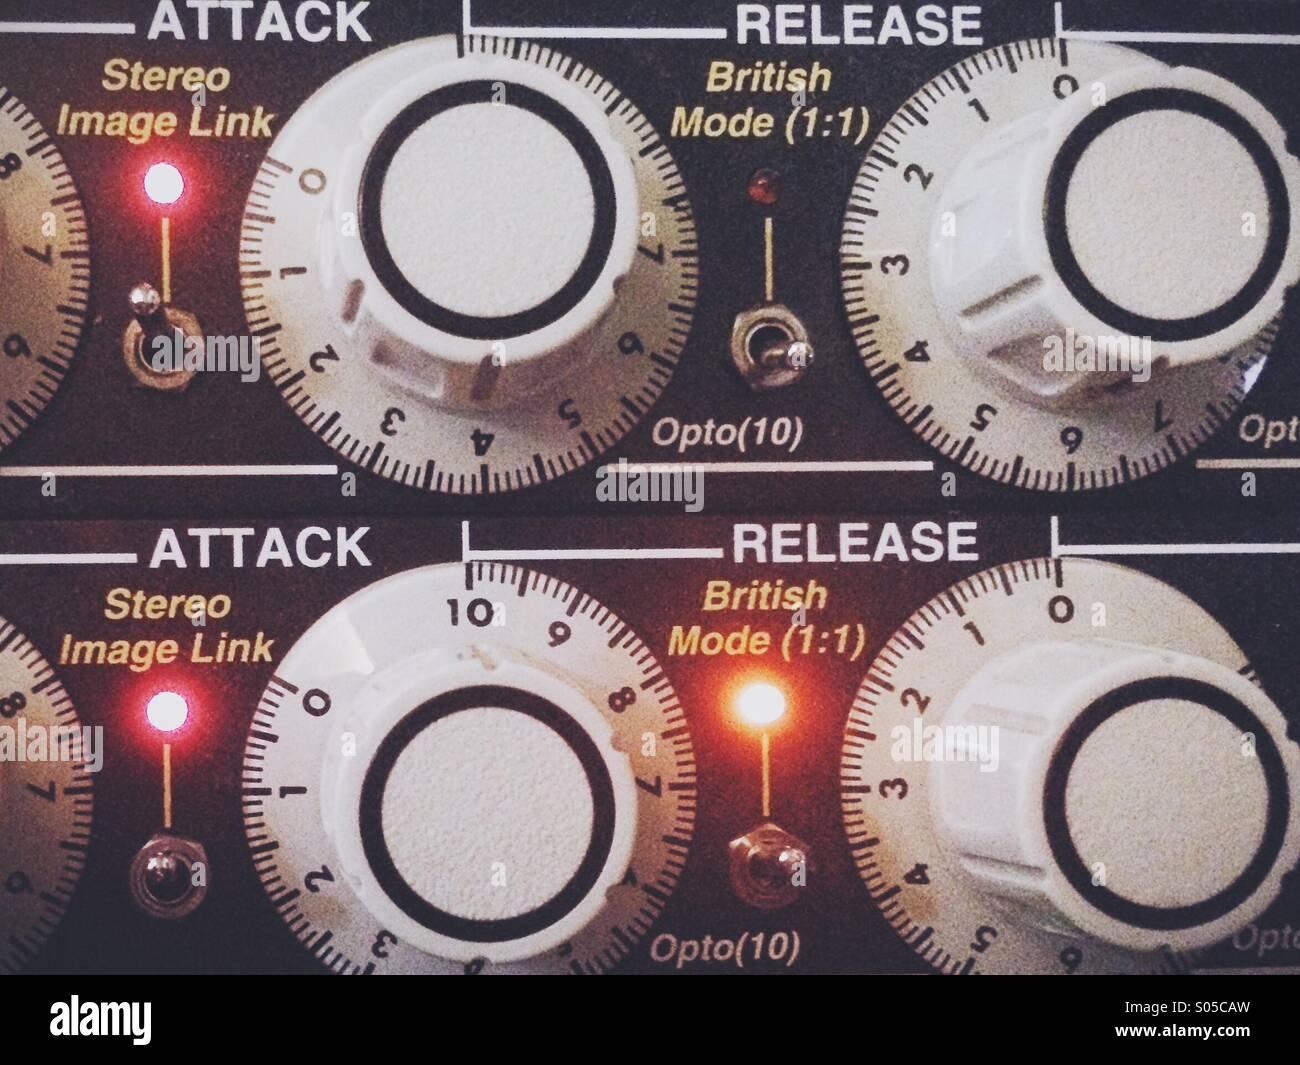 Attack Release Stockbild